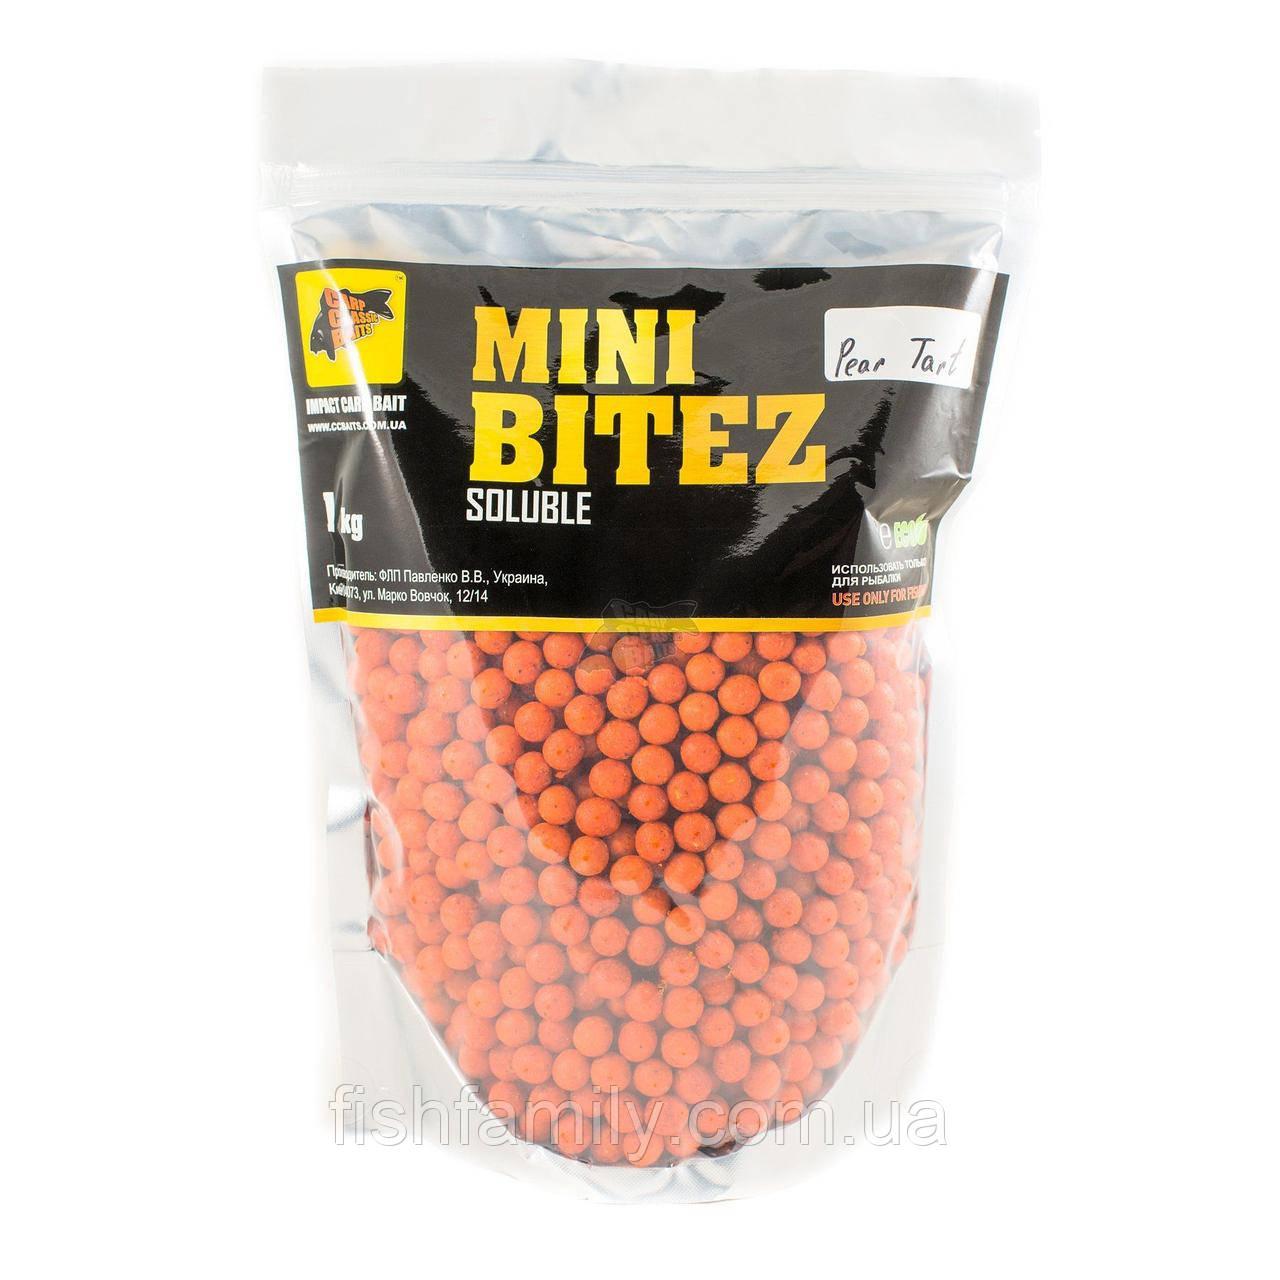 Пылящие Бойлы Mini Bitez Pear Tart [Кислая Груша], 10, 1000